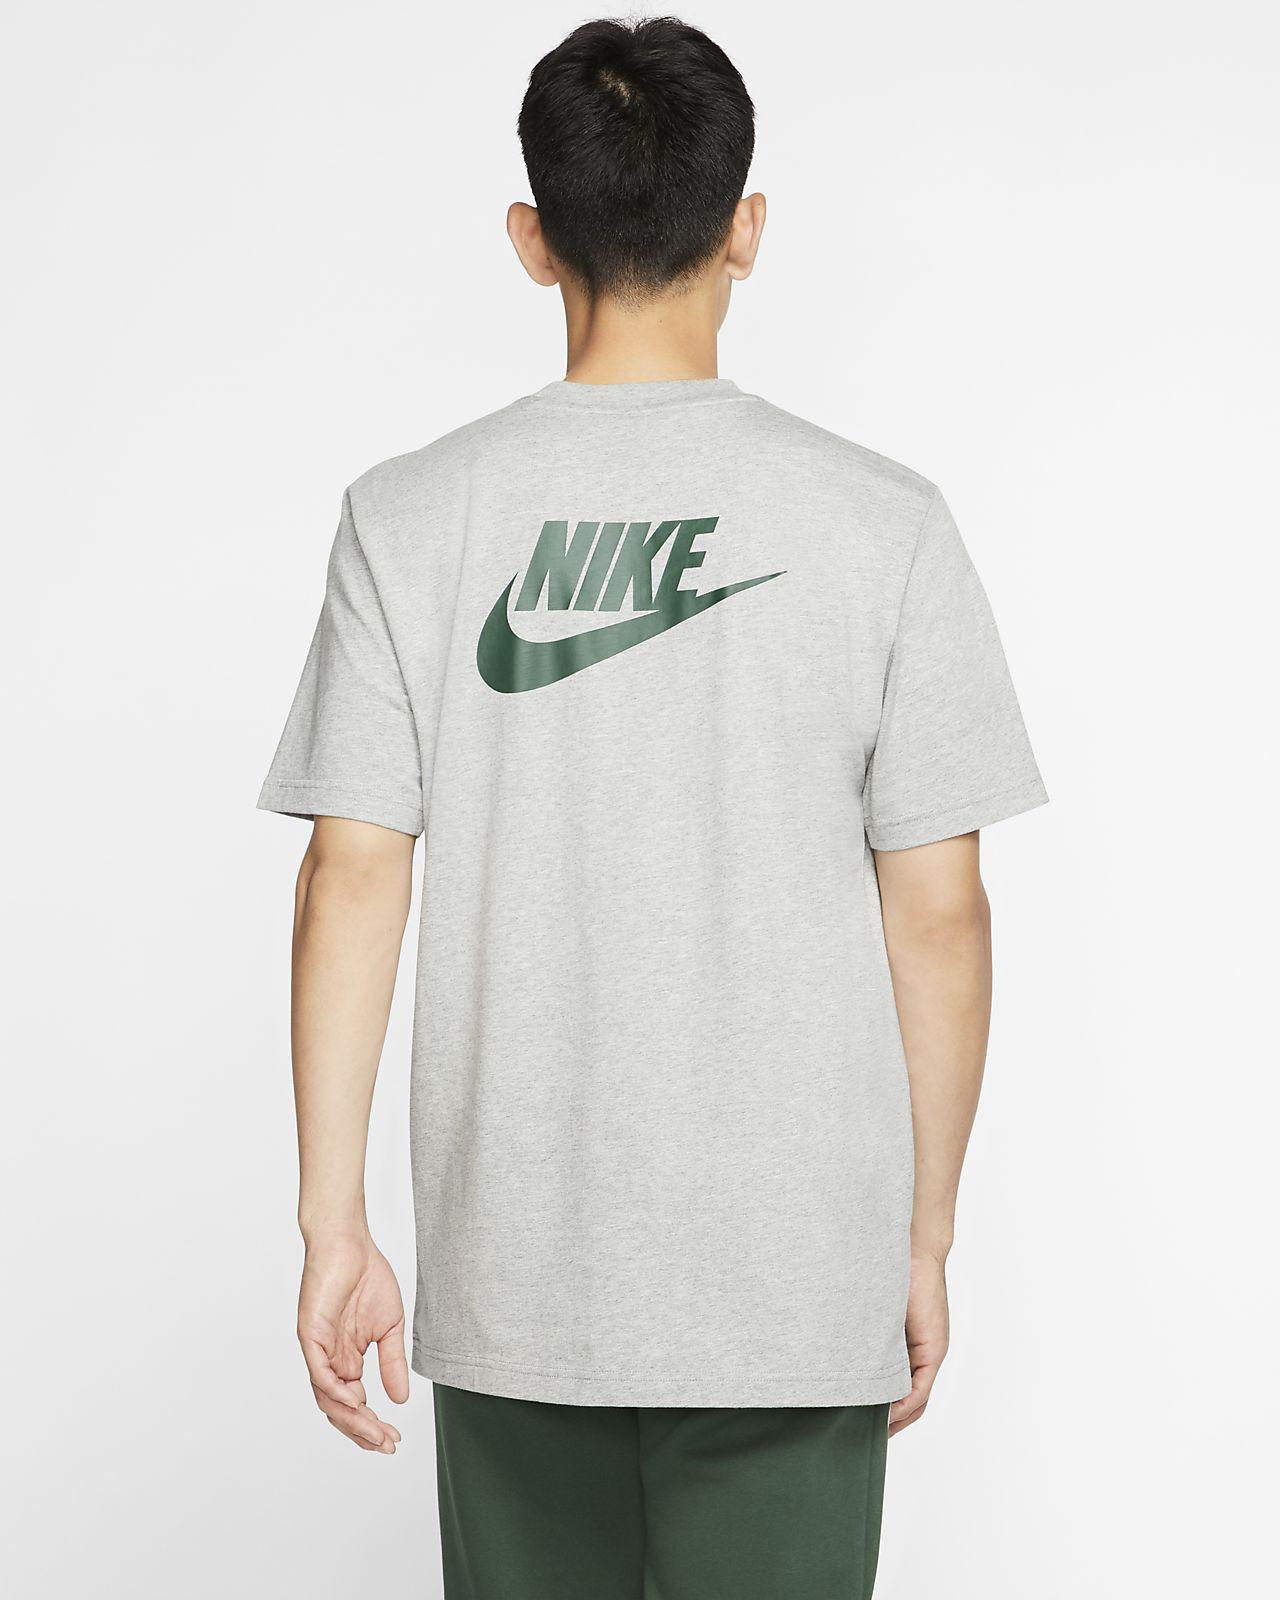 7b925a7ae728 Nike x Stranger Things Men's T-Shirt. Nike.com GB